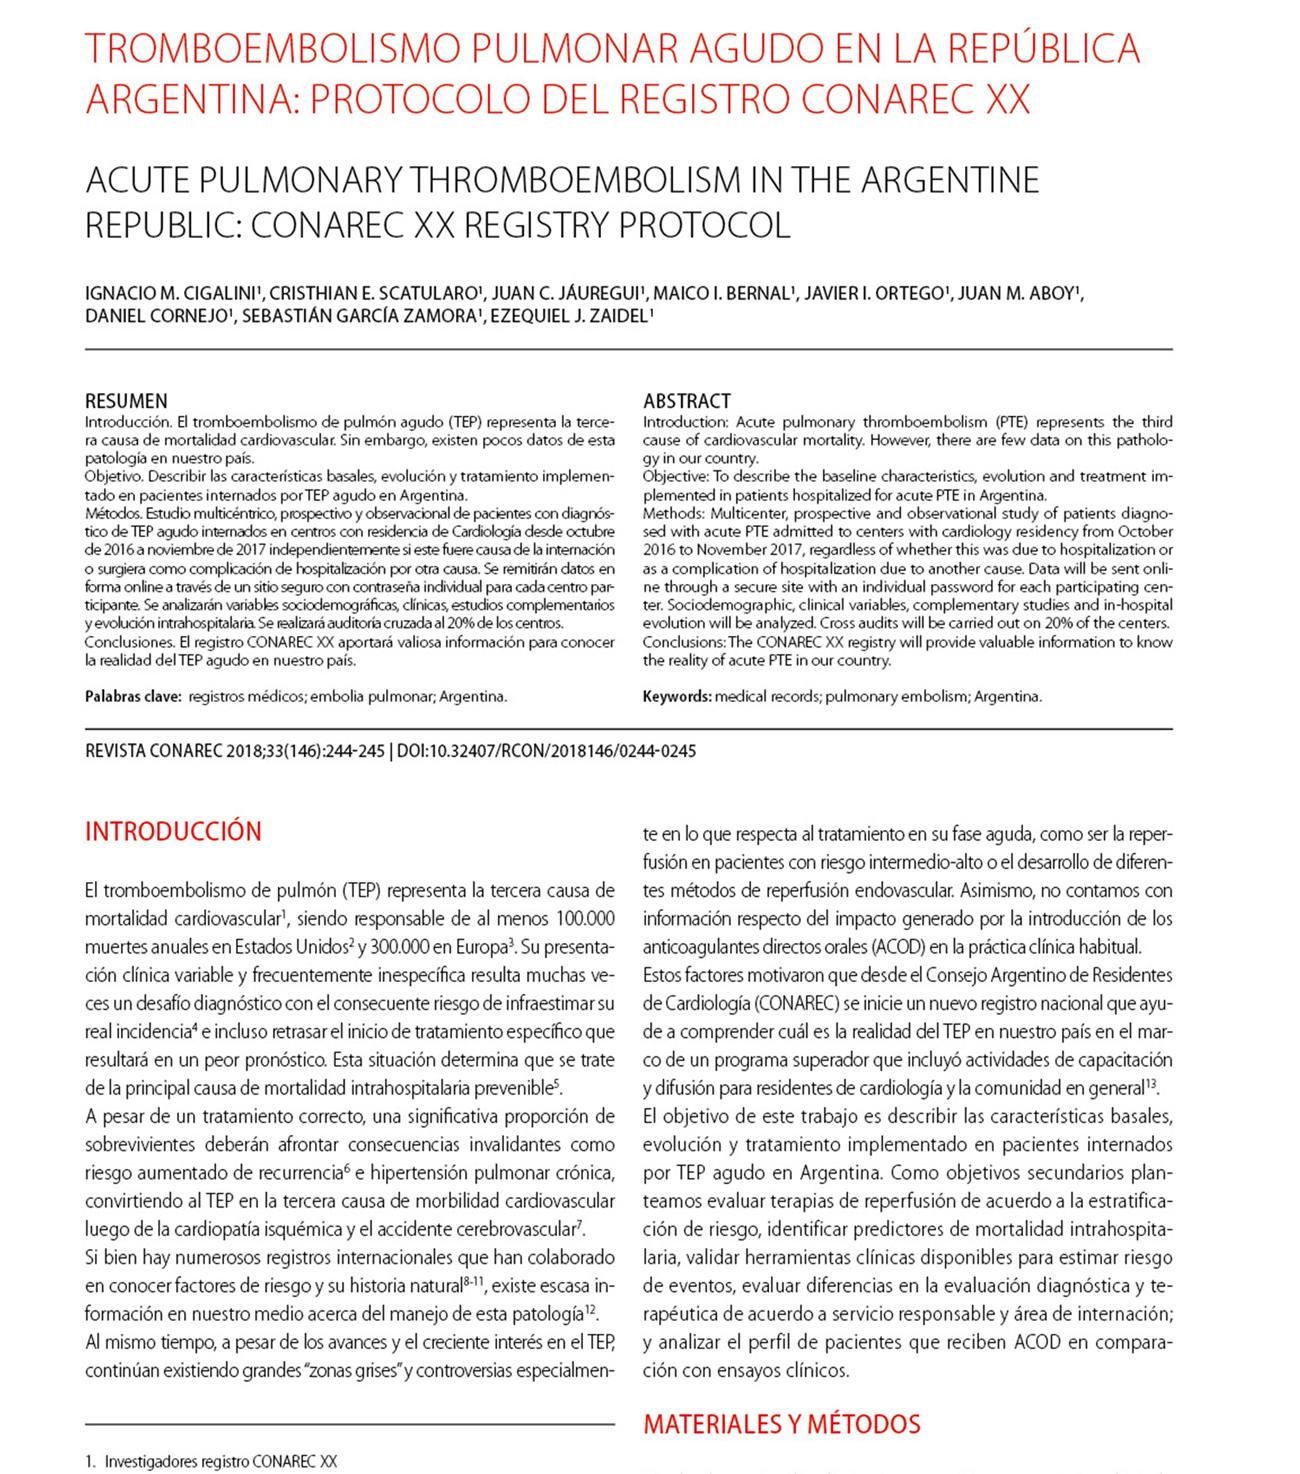 Tromboembolismo pulmonar agudo en la República Argentina: protocolo del Registro CONAREC XX.